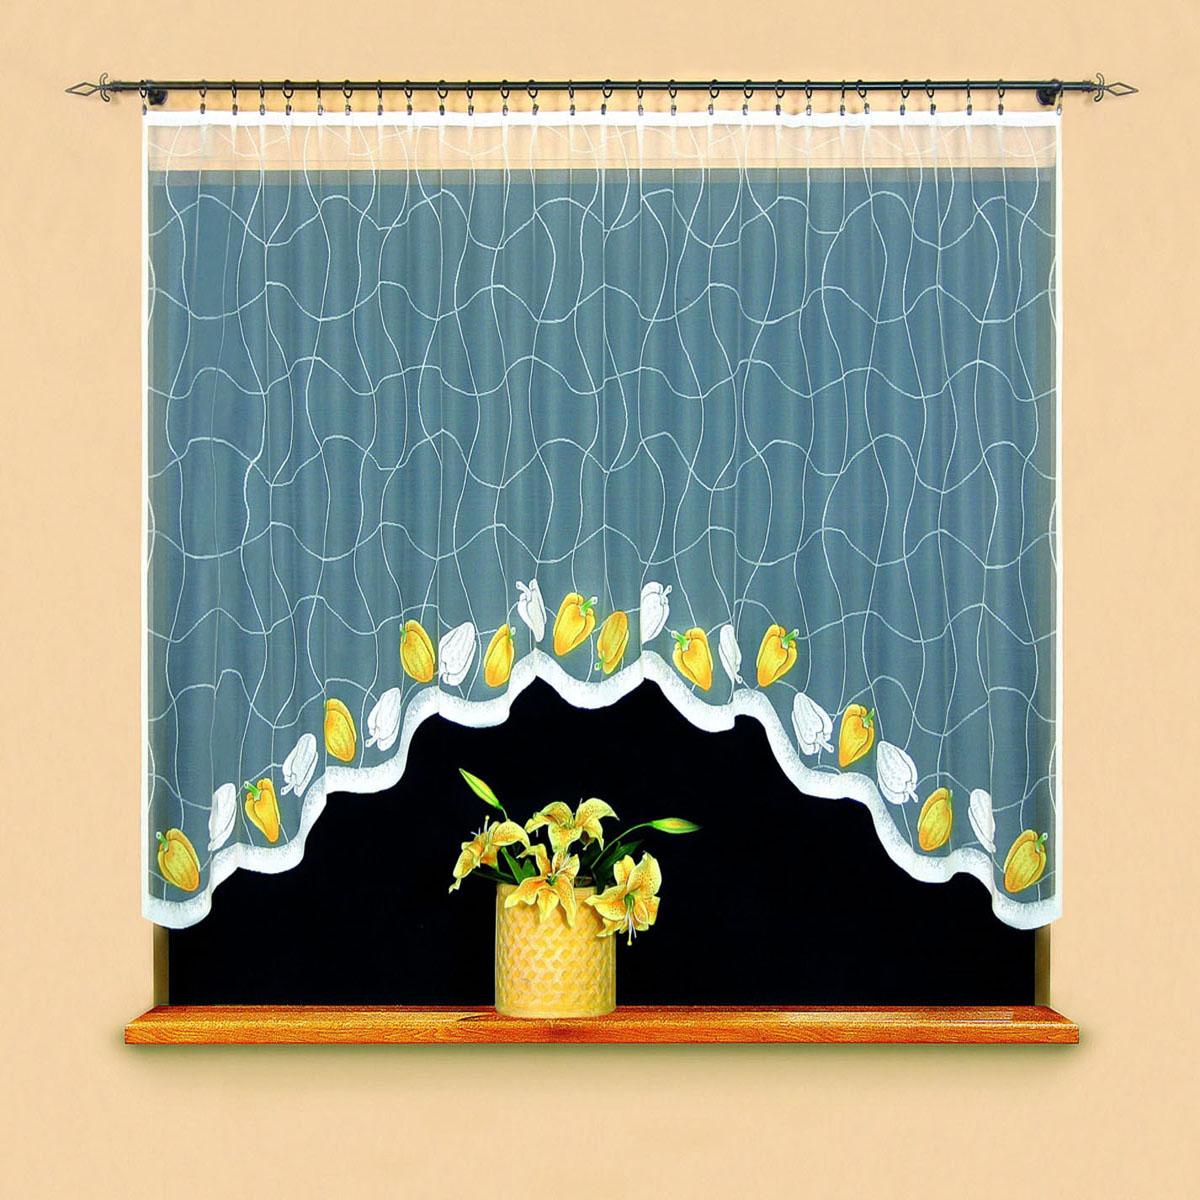 Гардина Wisan, цвет: белый, ширина 300 см, высота 150 см. 95059505вид крепления - под зажимы для шторРазмеры: ширина 300*высота 150